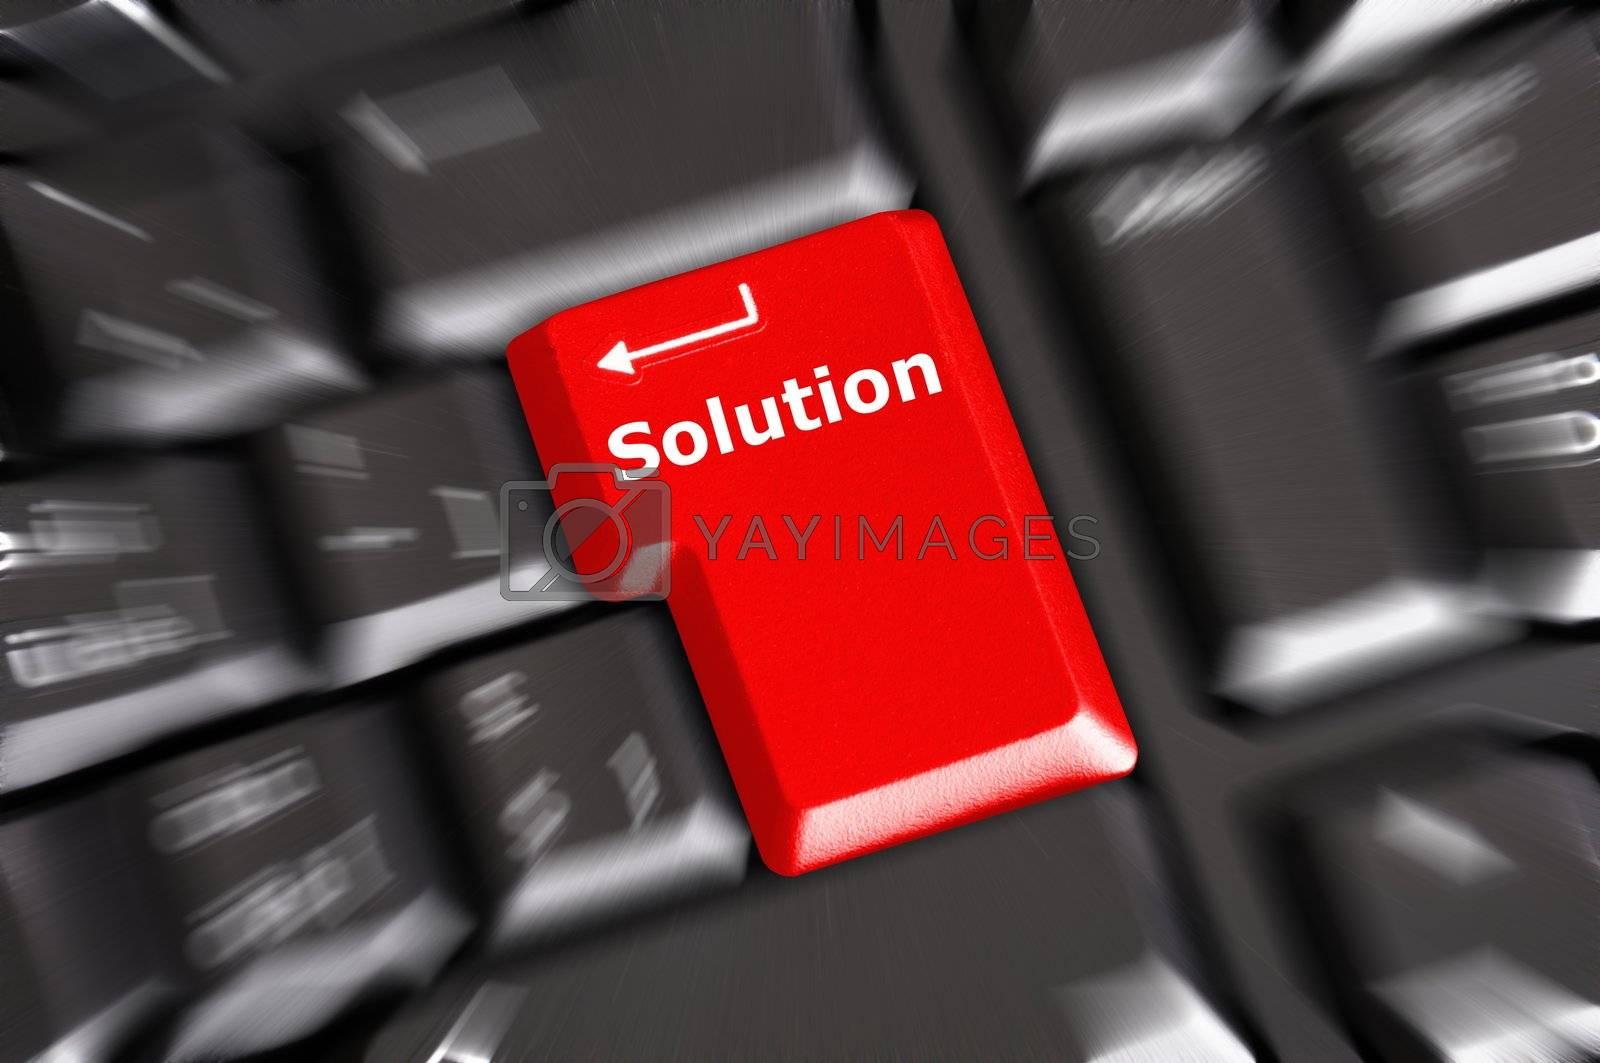 solution by gunnar3000